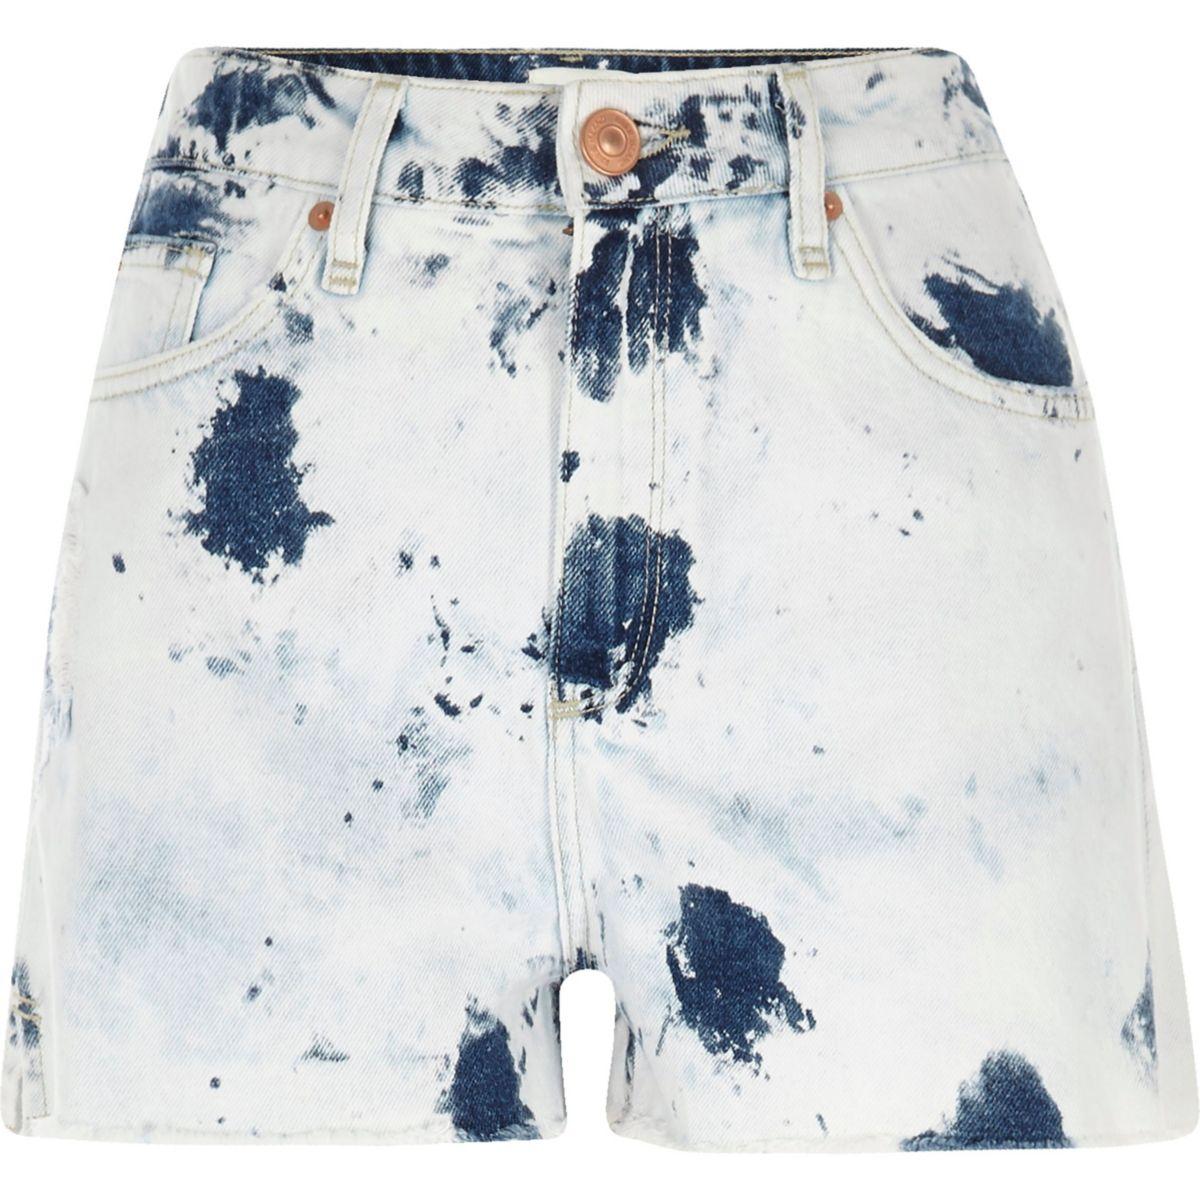 Light blue tie dye high waisted denim shorts